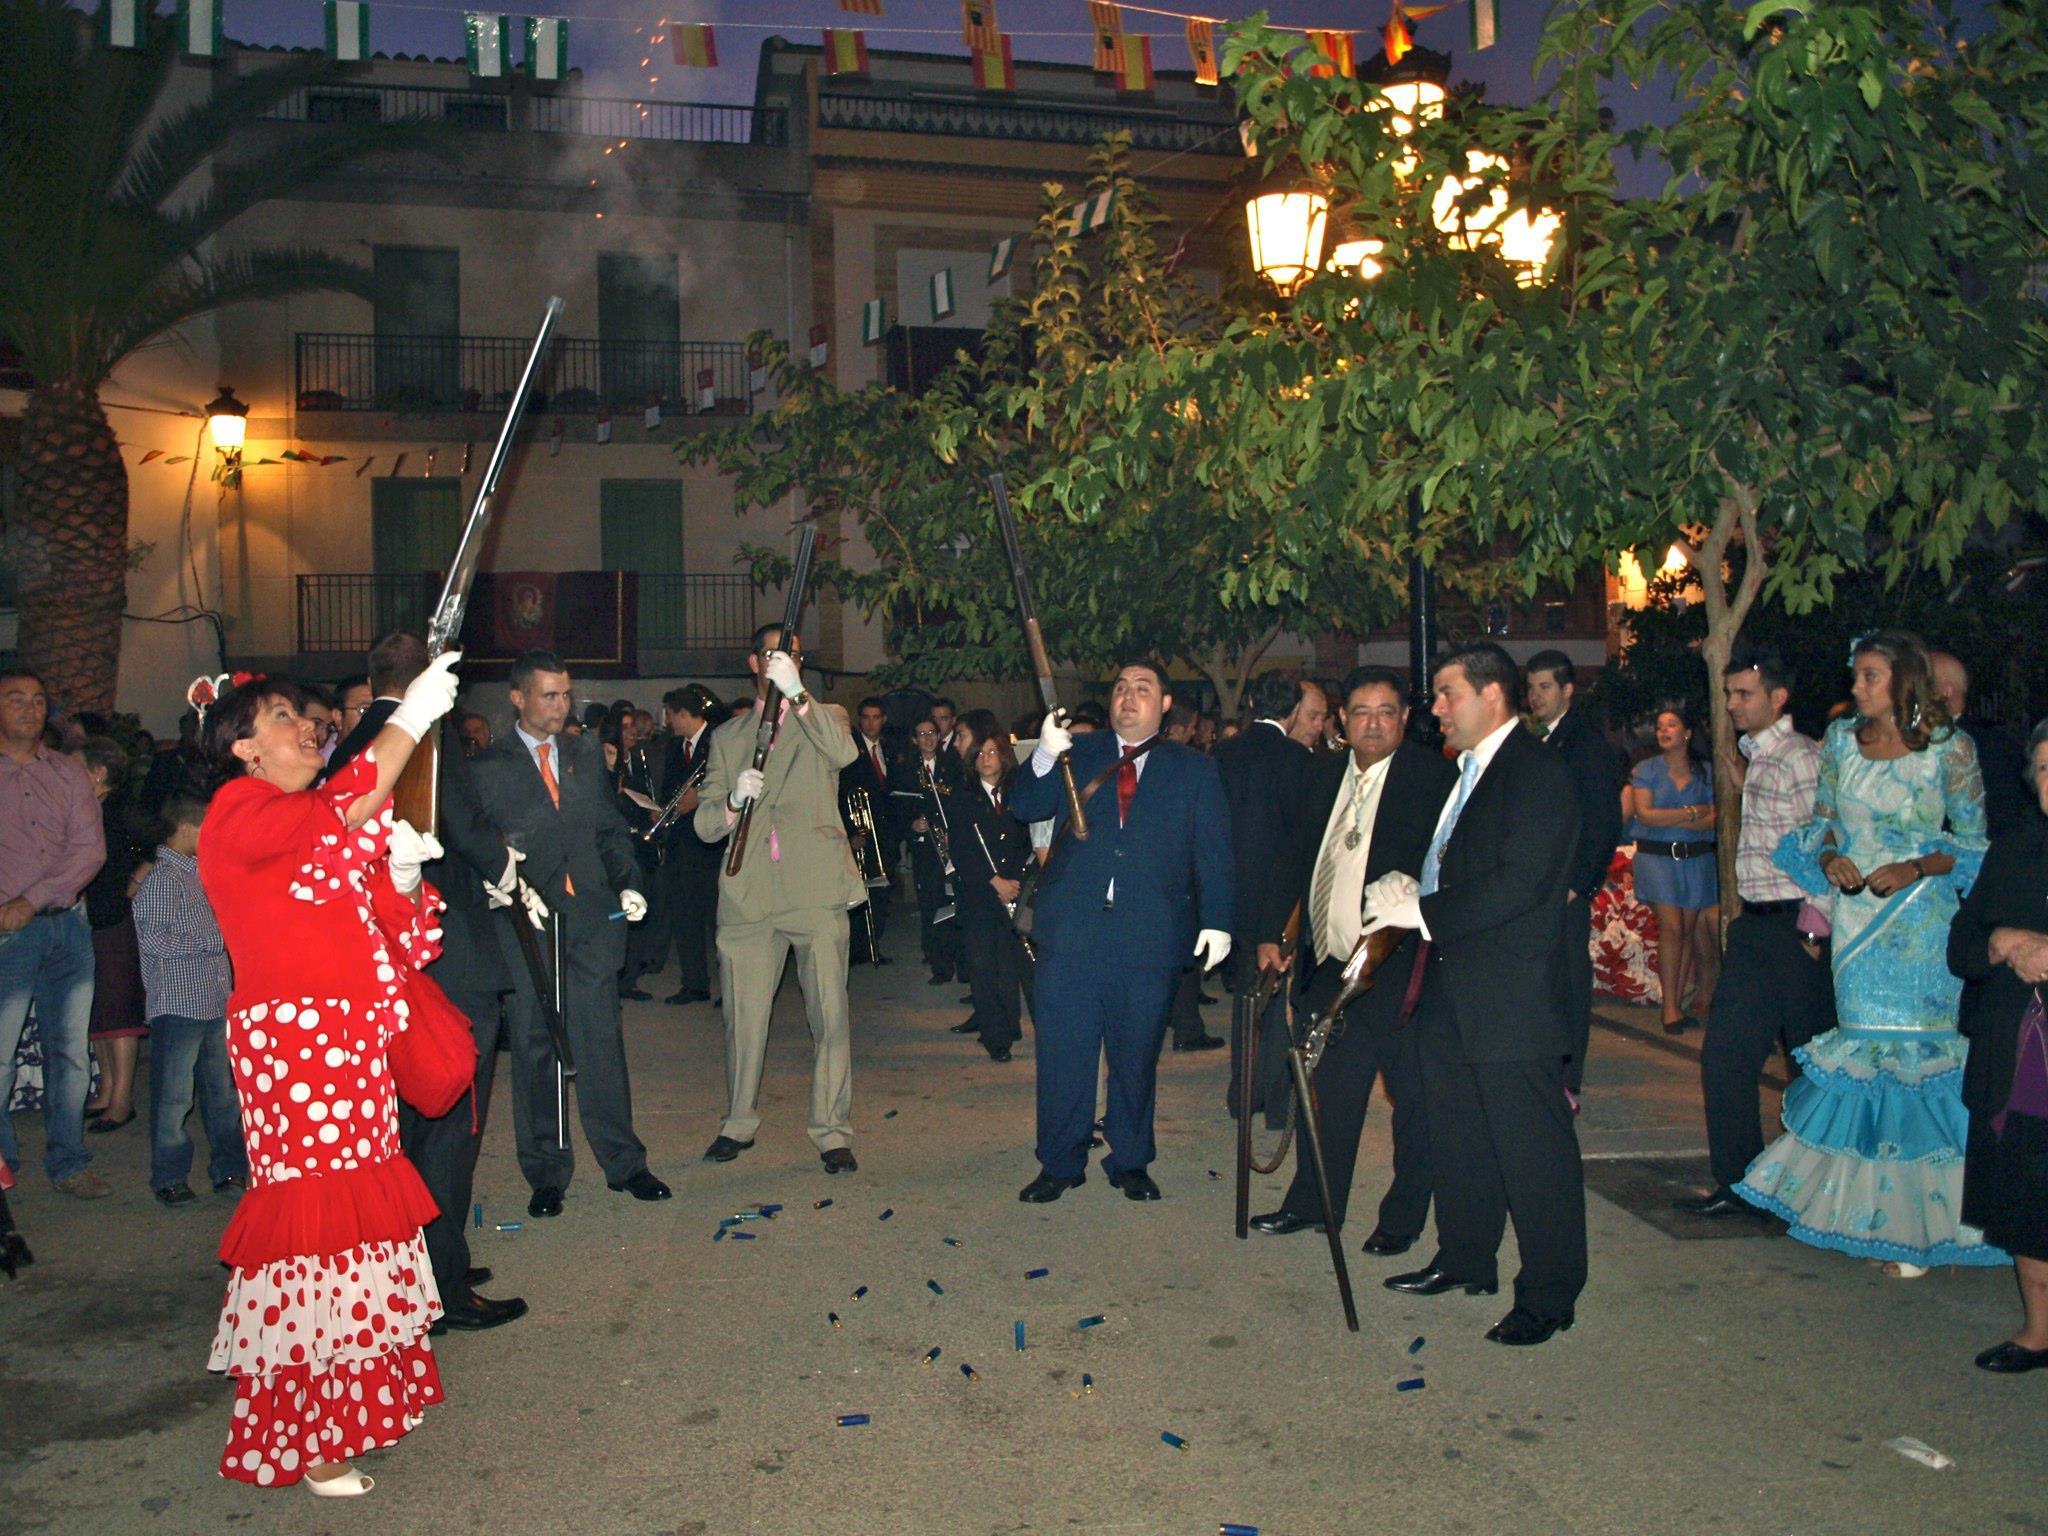 Los villares ferias y fiestas del rosario 2011 en los - Tiempo los villares jaen ...